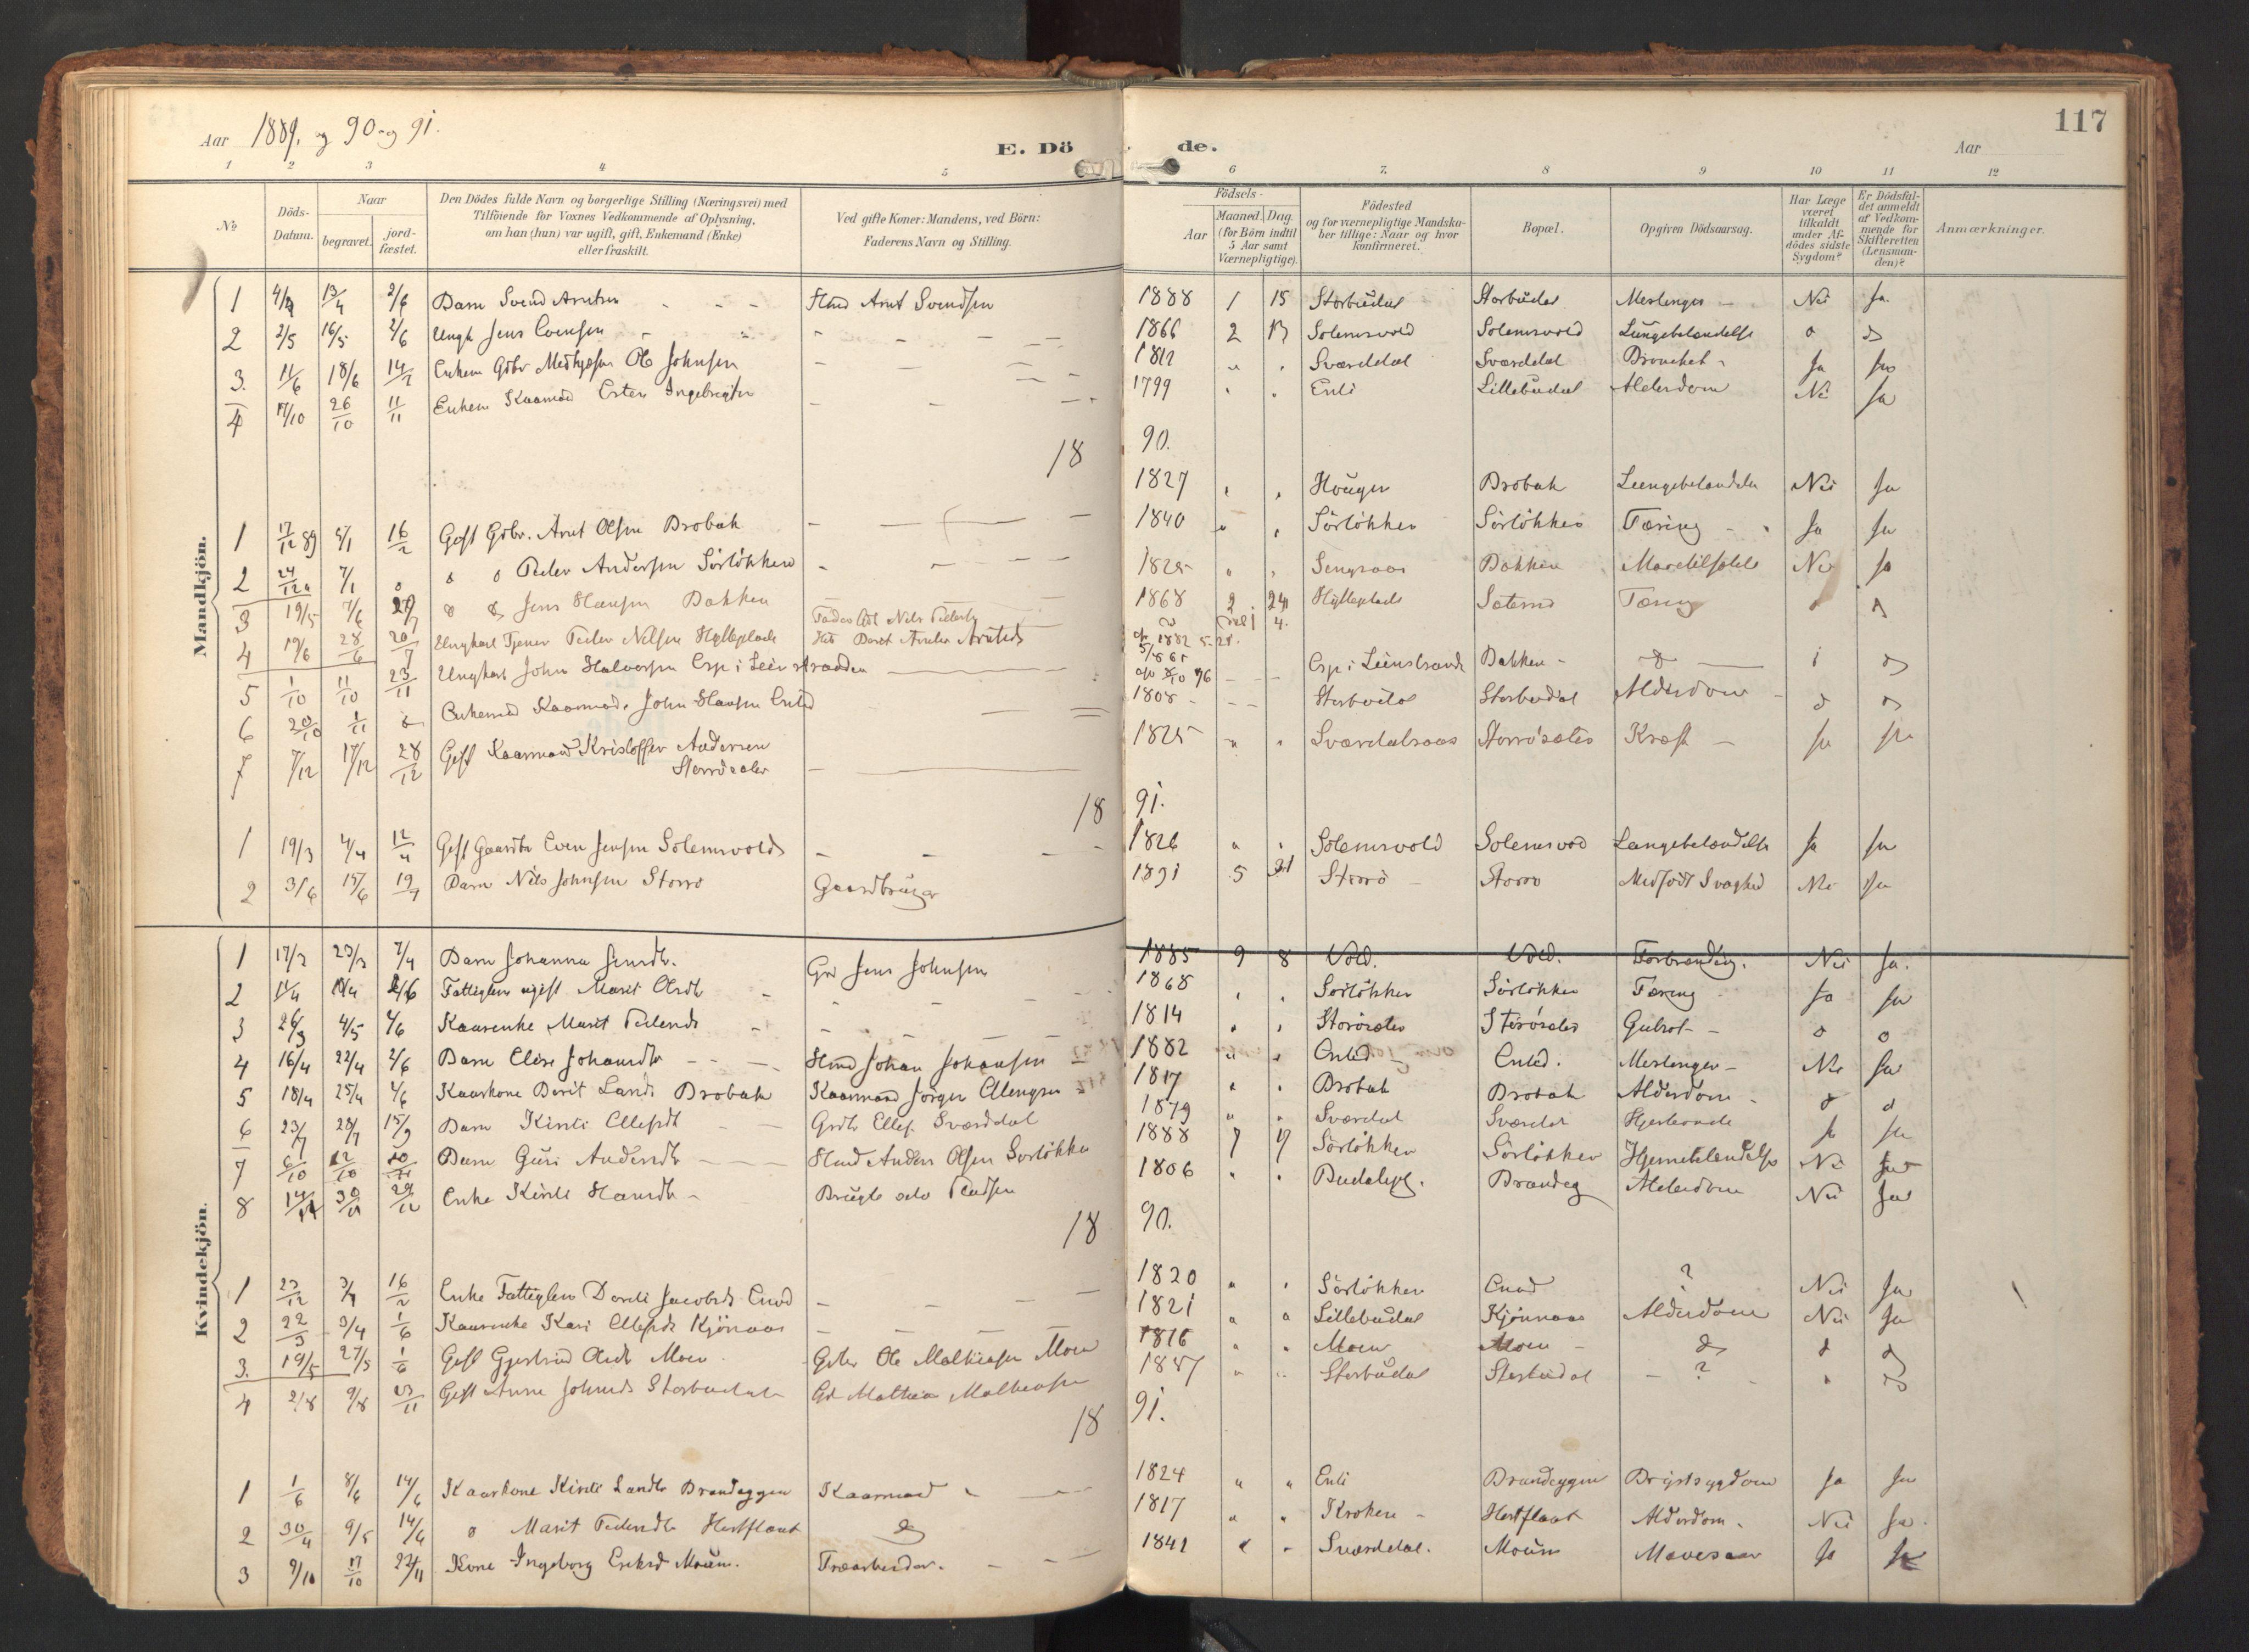 SAT, Ministerialprotokoller, klokkerbøker og fødselsregistre - Sør-Trøndelag, 690/L1050: Ministerialbok nr. 690A01, 1889-1929, s. 117